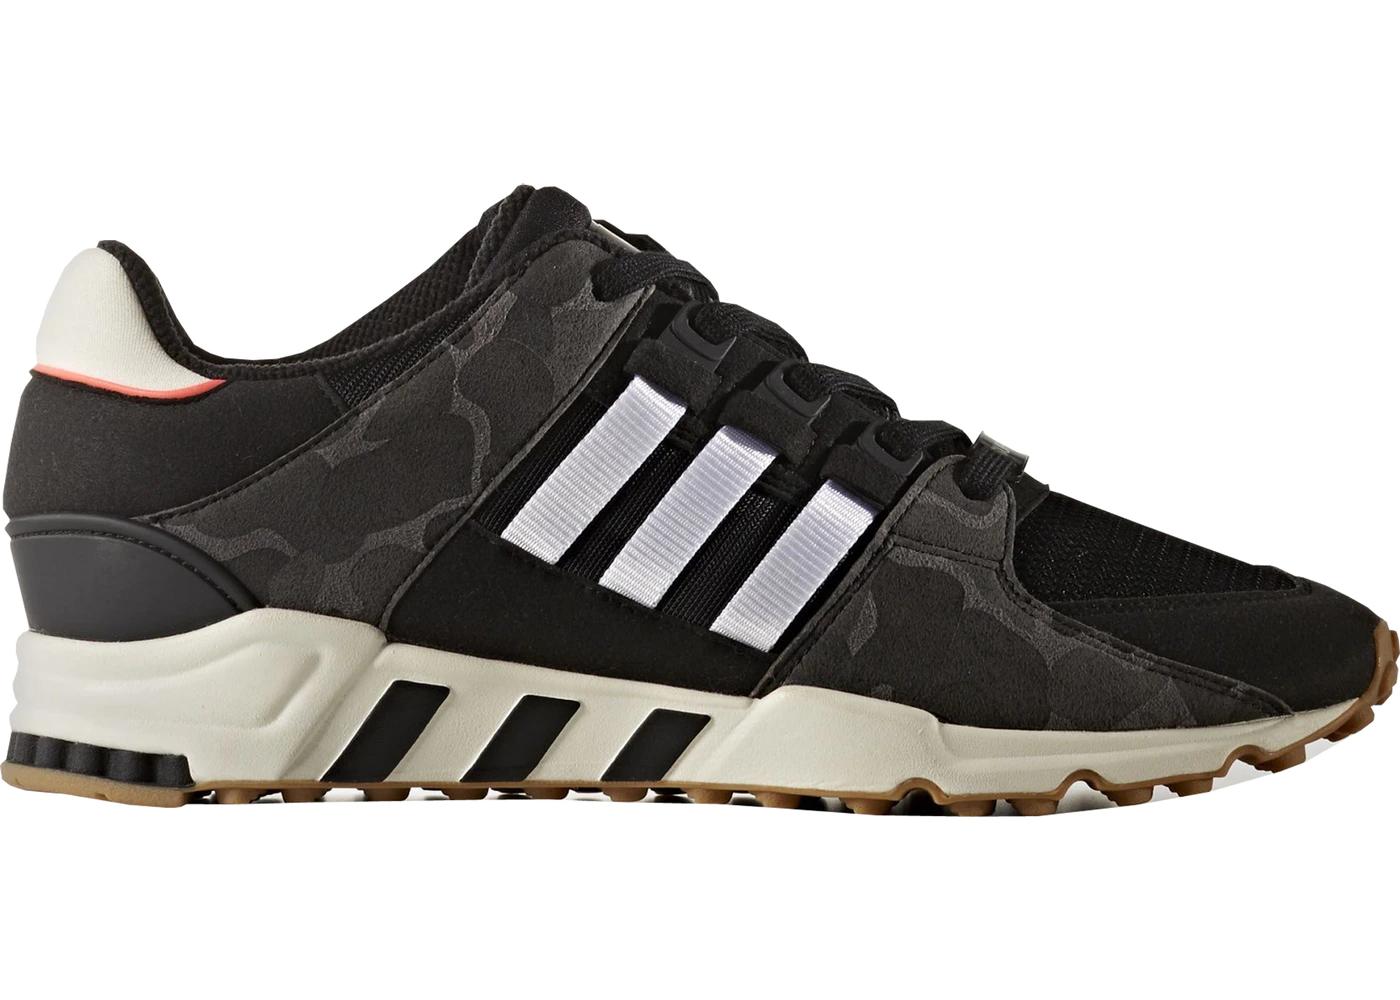 Giày Adidas EQT có mặt tại trường giày hơn 20 năm